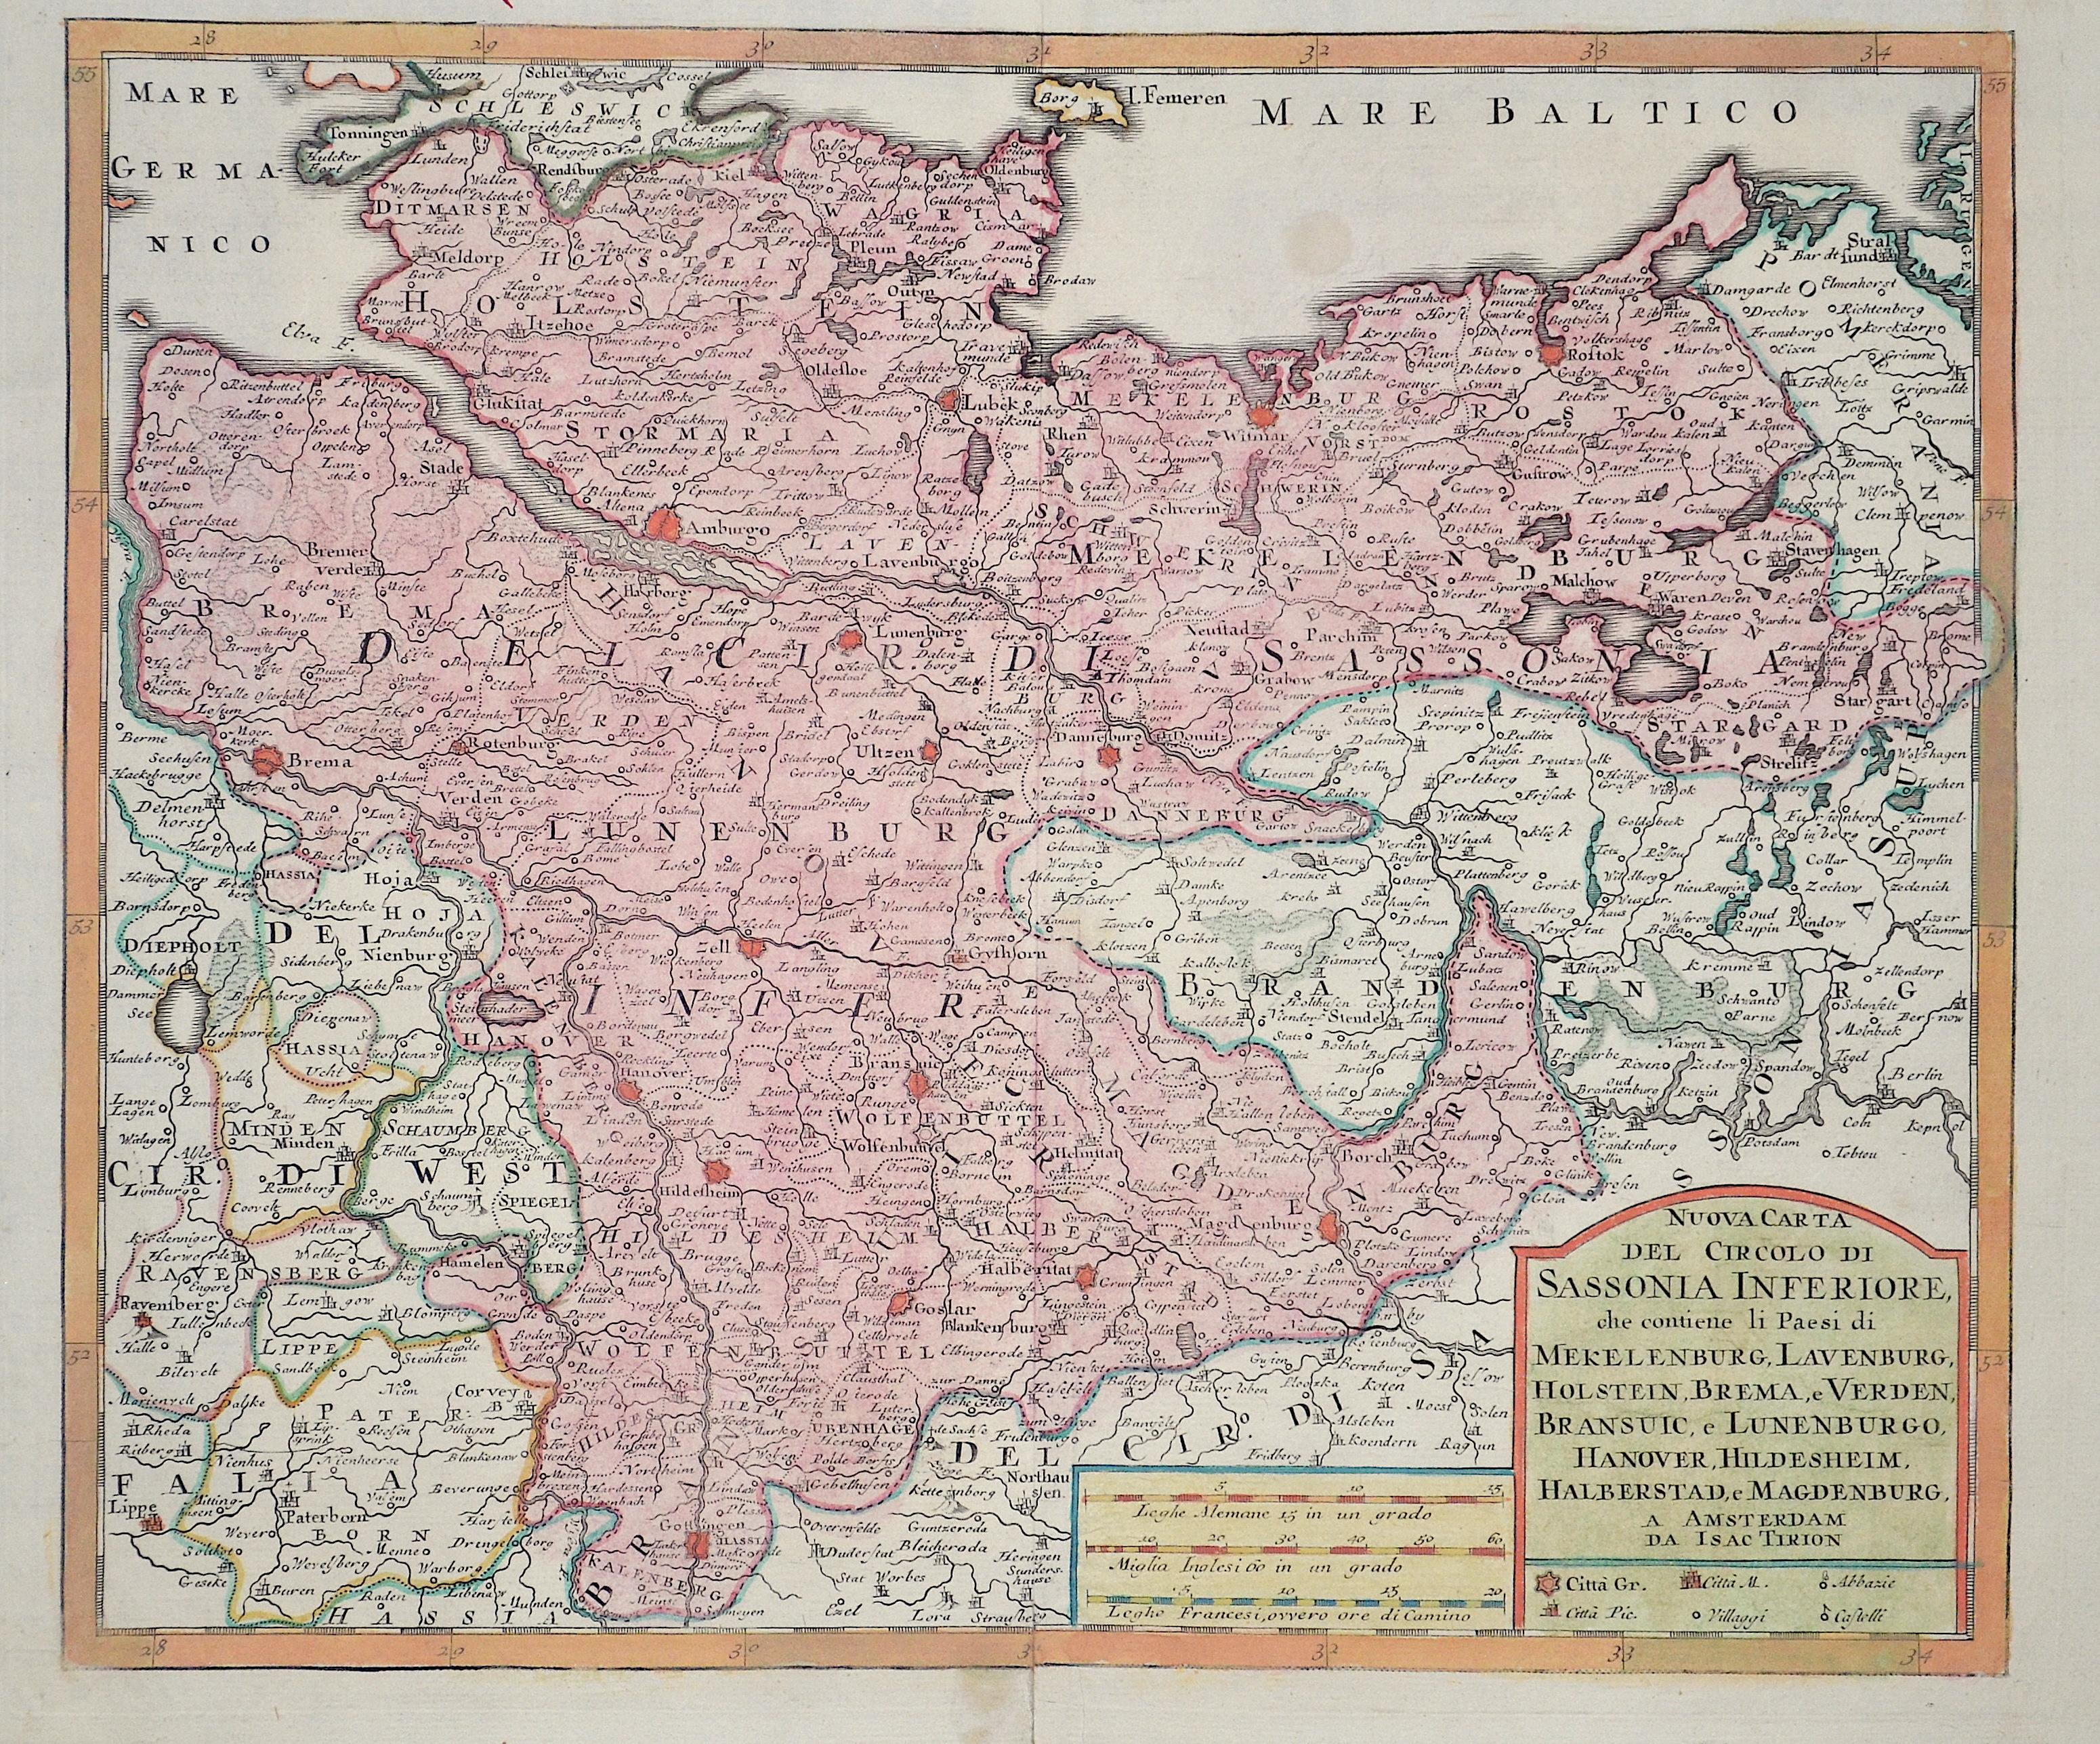 Tirion Isaak Nuova Carta del circolo di Sassonia inferiore…